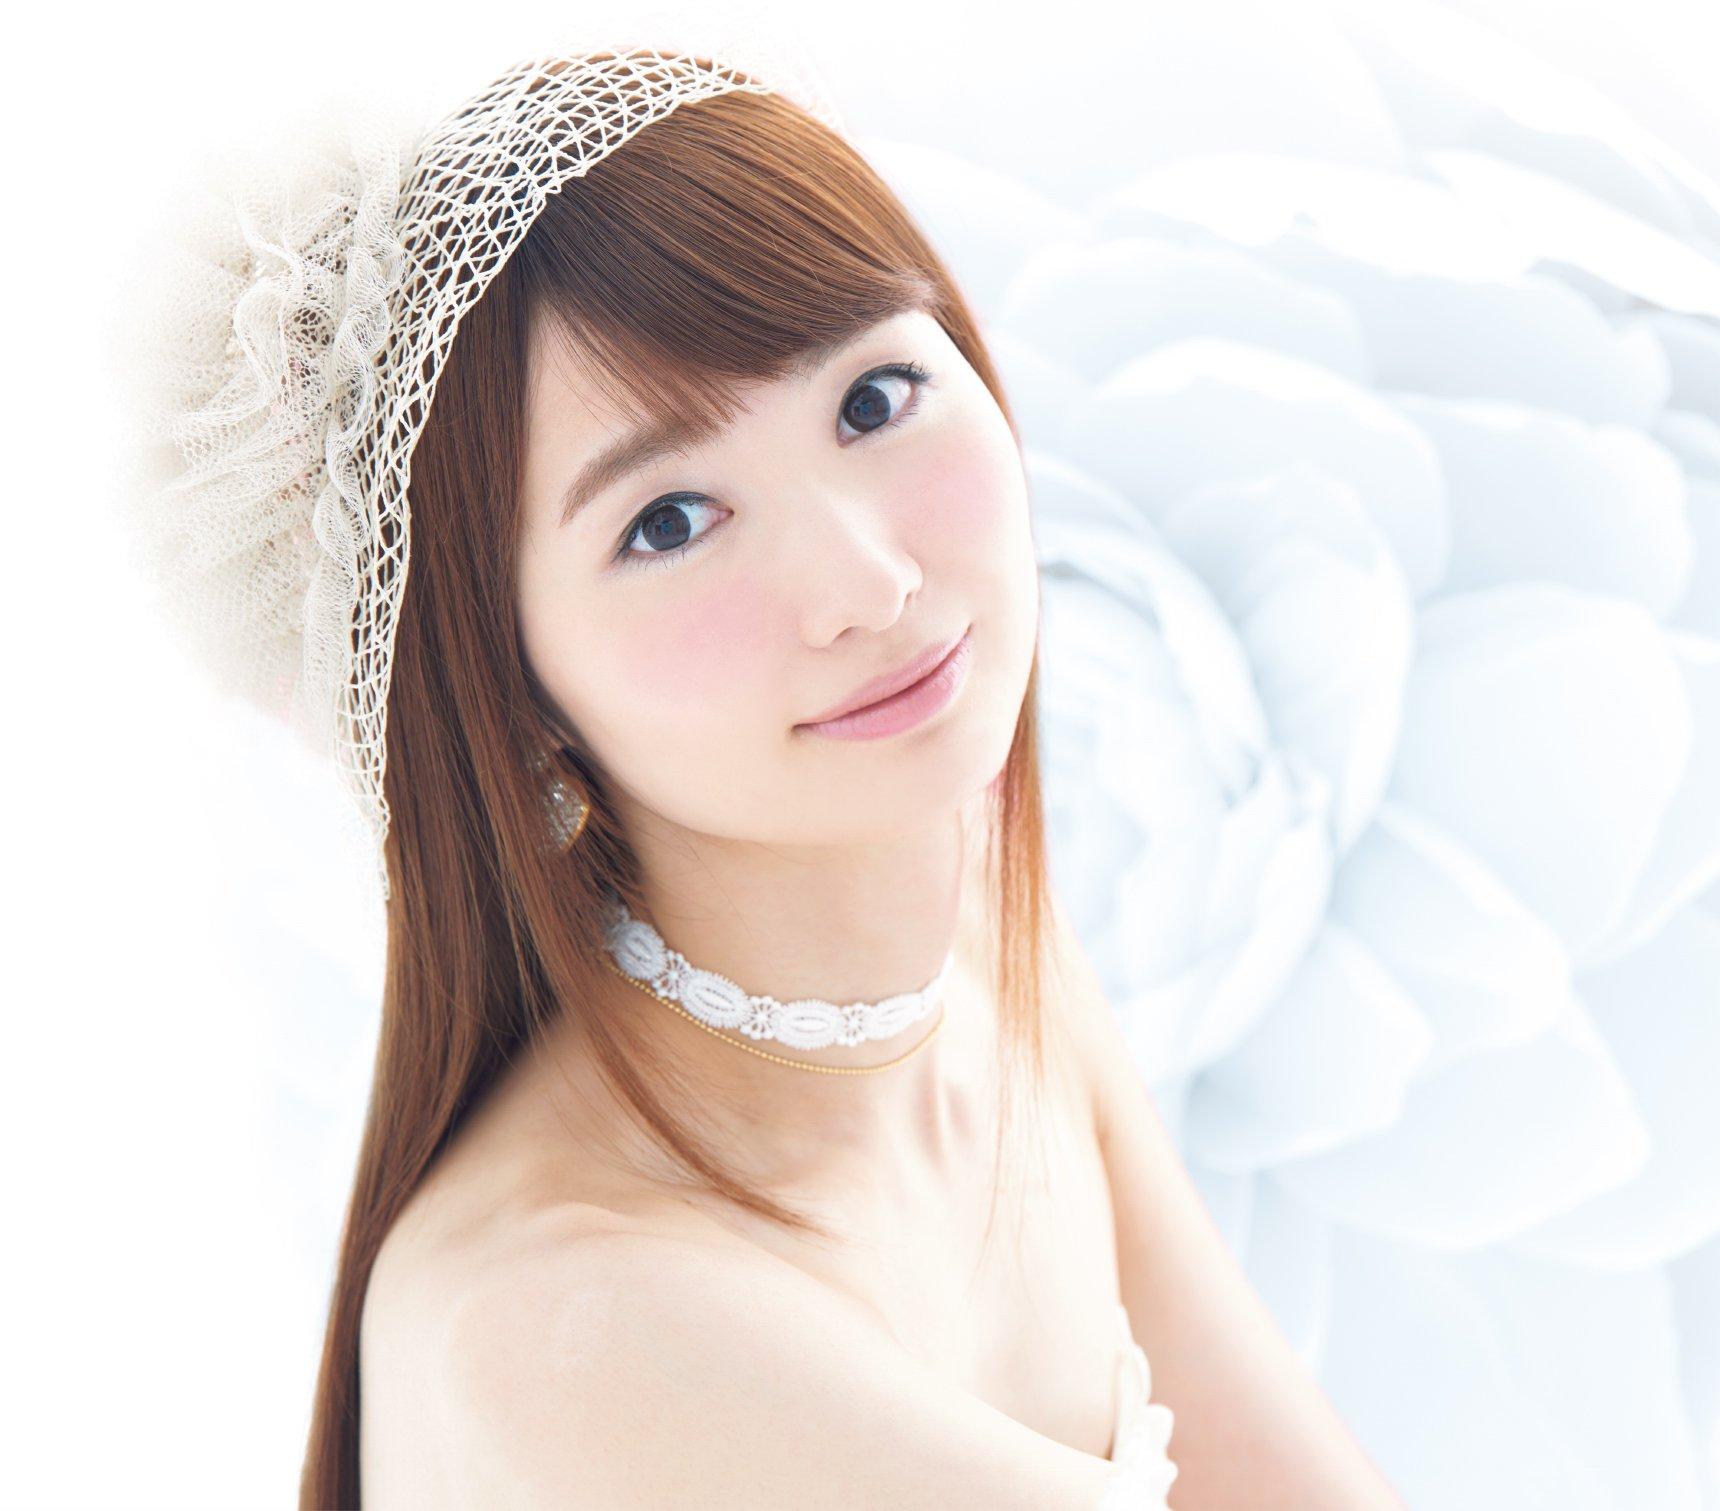 Haruka Tomatsu Pictures | MetroLyrics